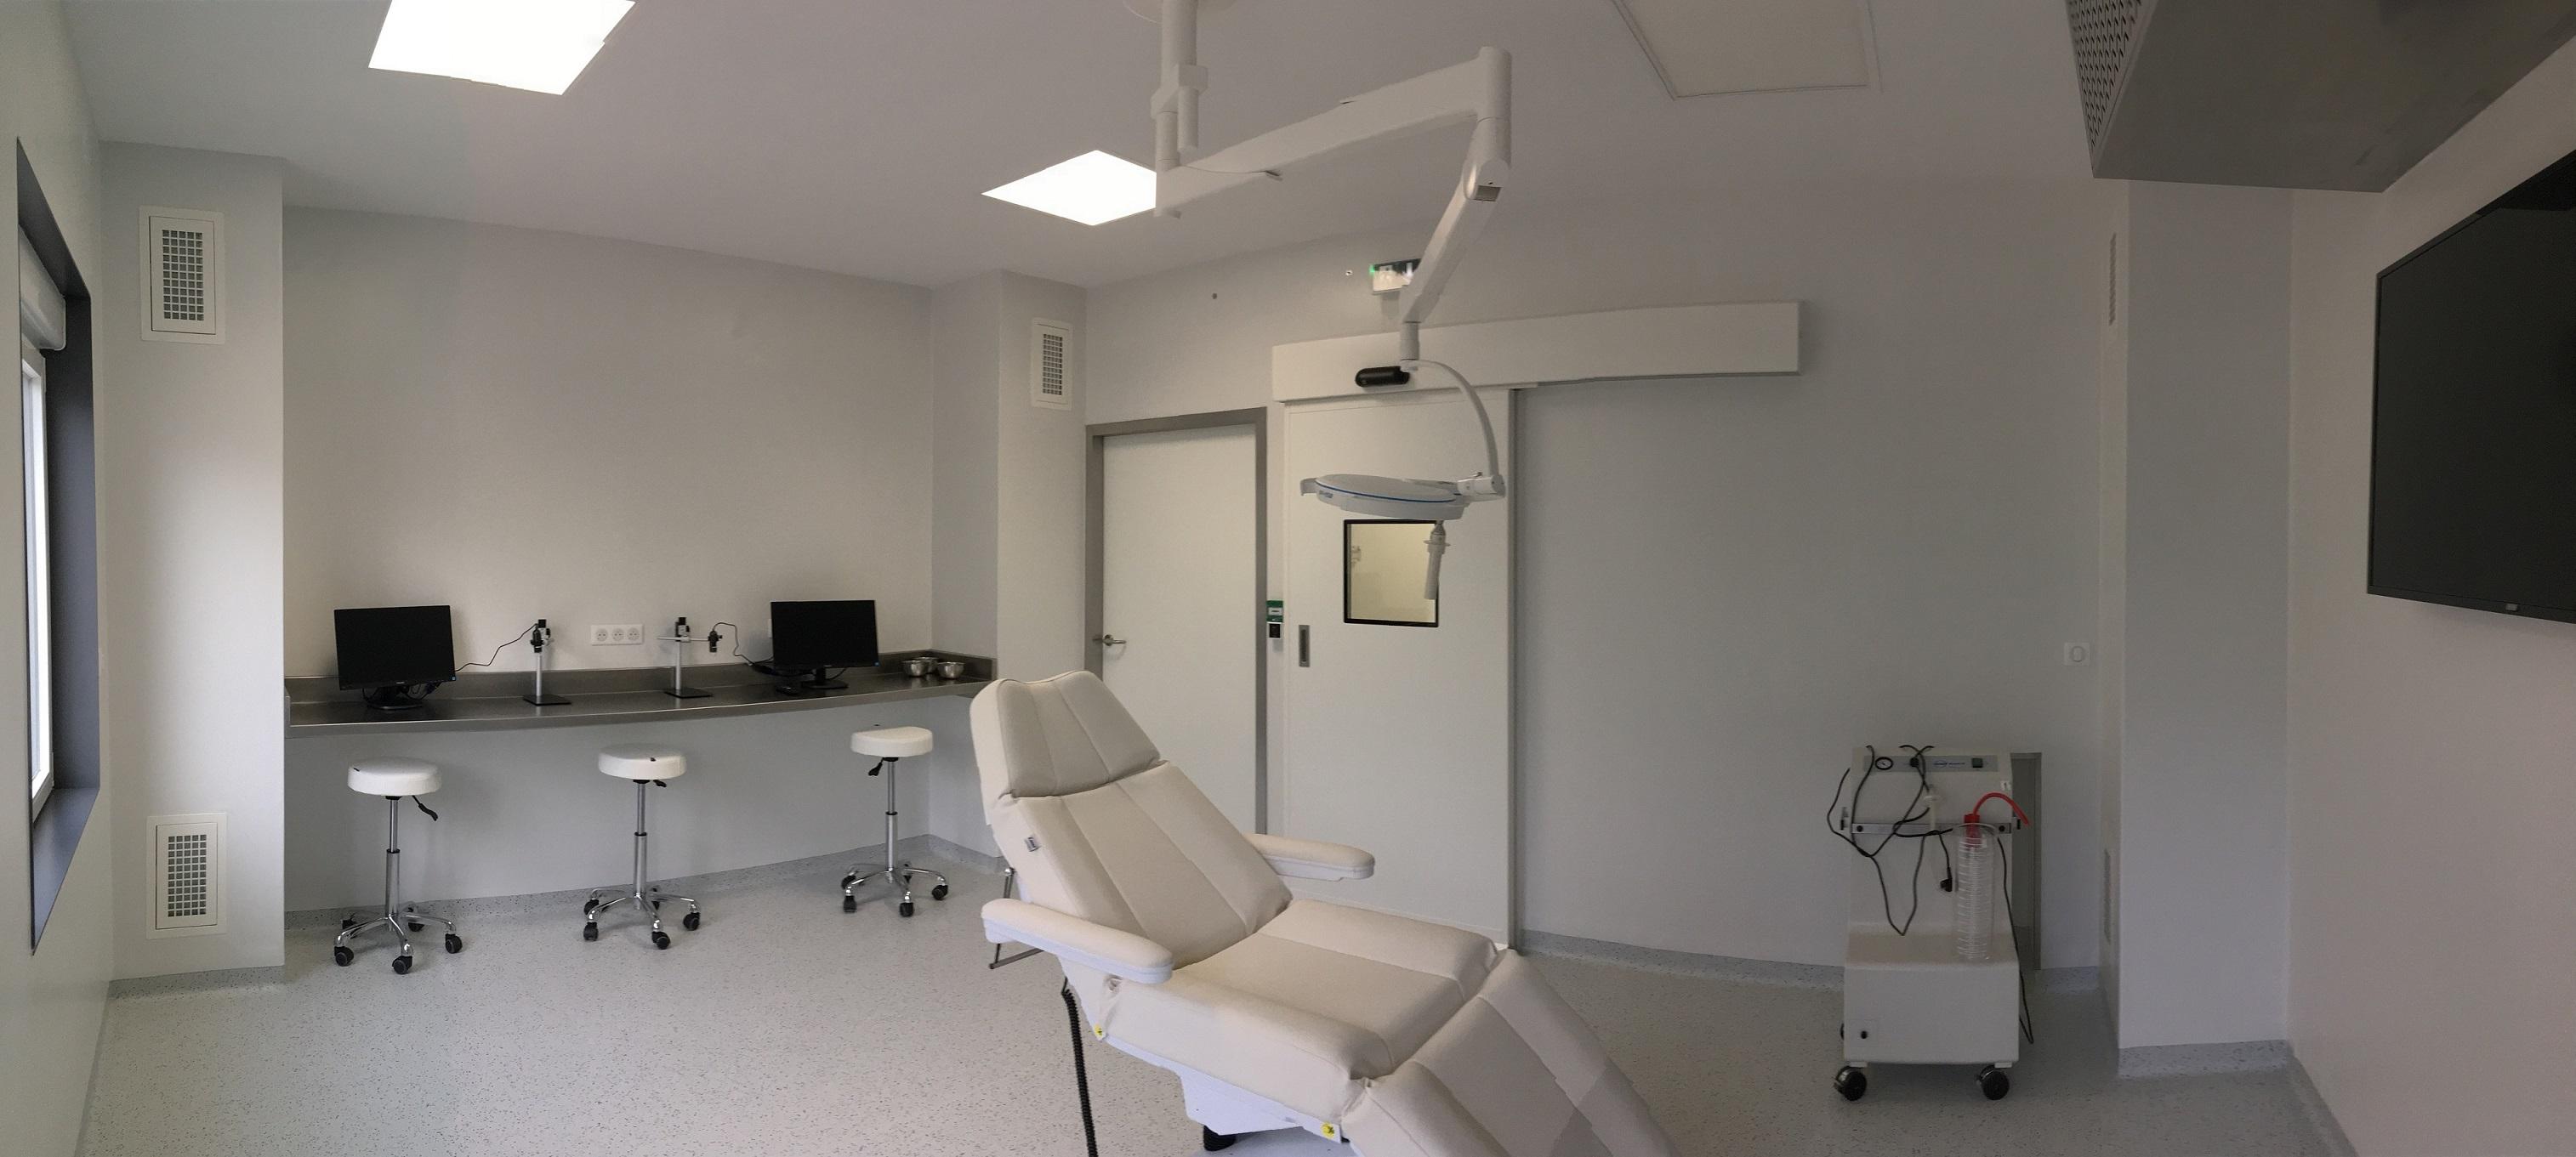 Clinique de chirurgie esthétique du Sud Ouest- HOSSEGOR